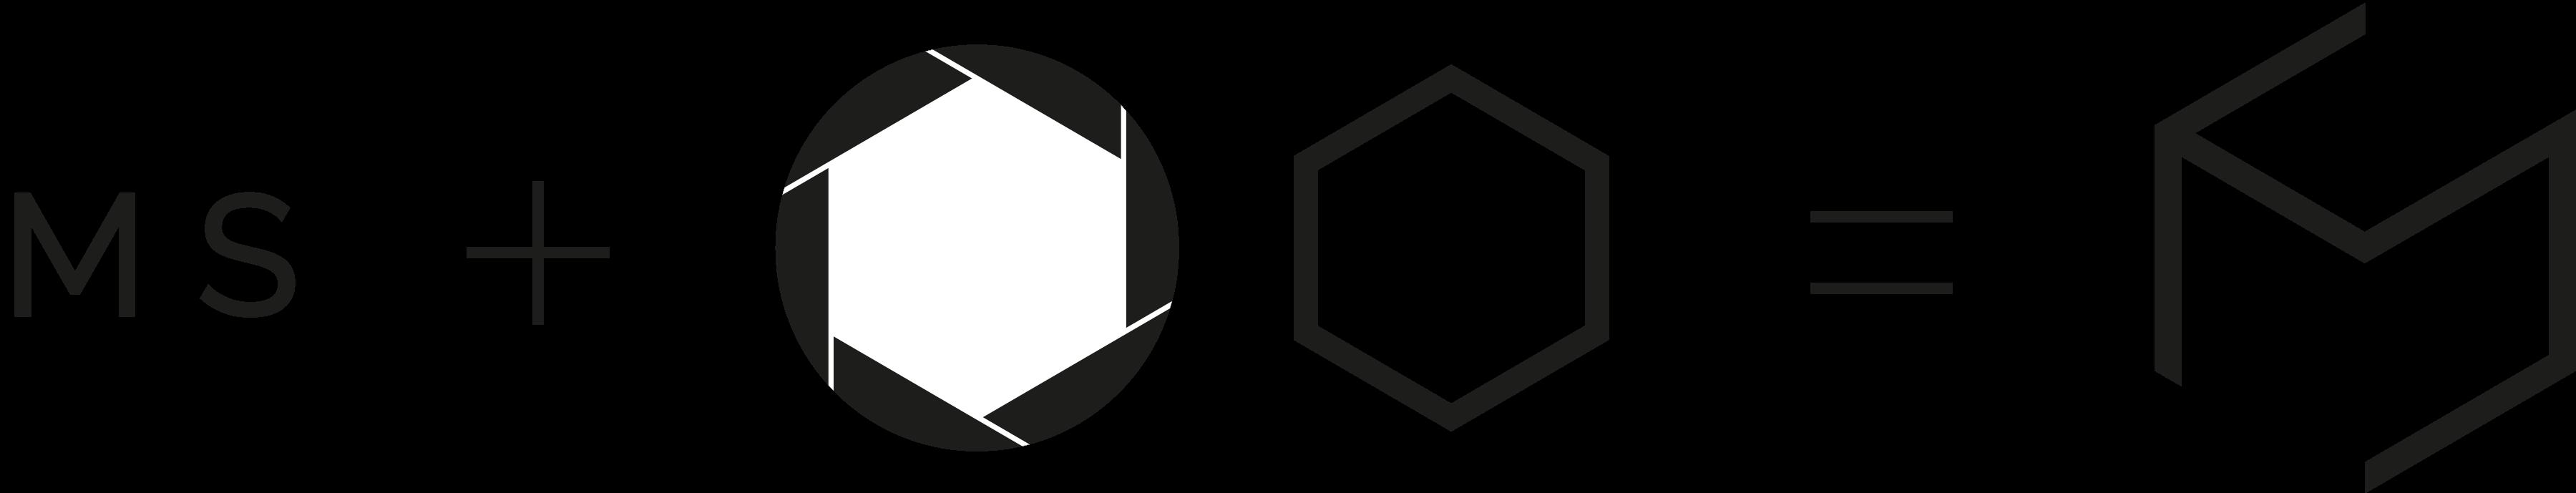 Mark Slater Logo Development